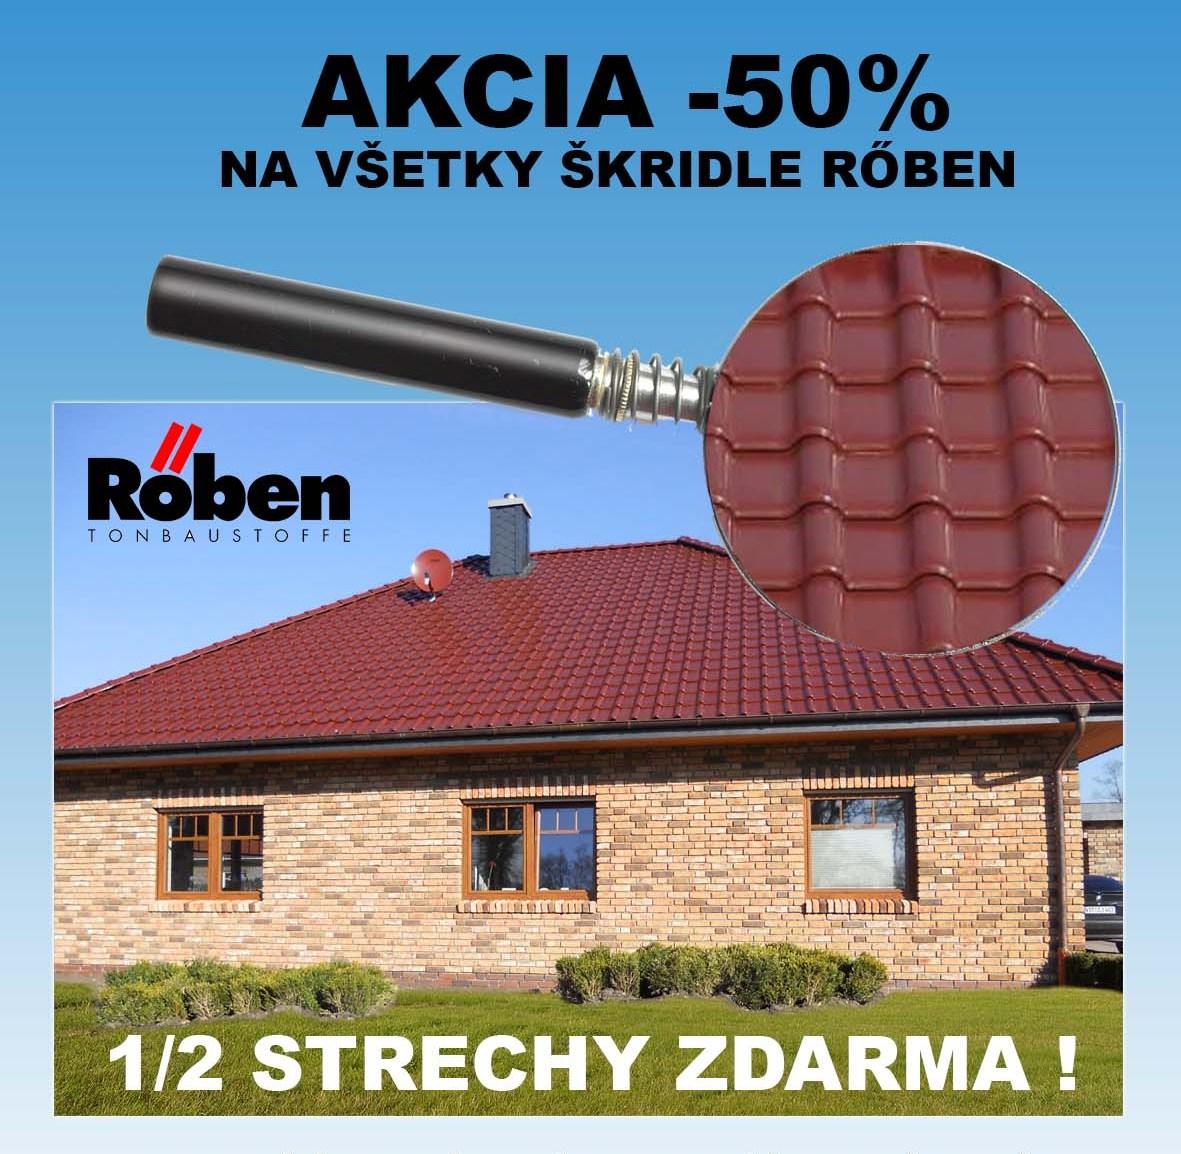 Akcia keramická škridla Roben